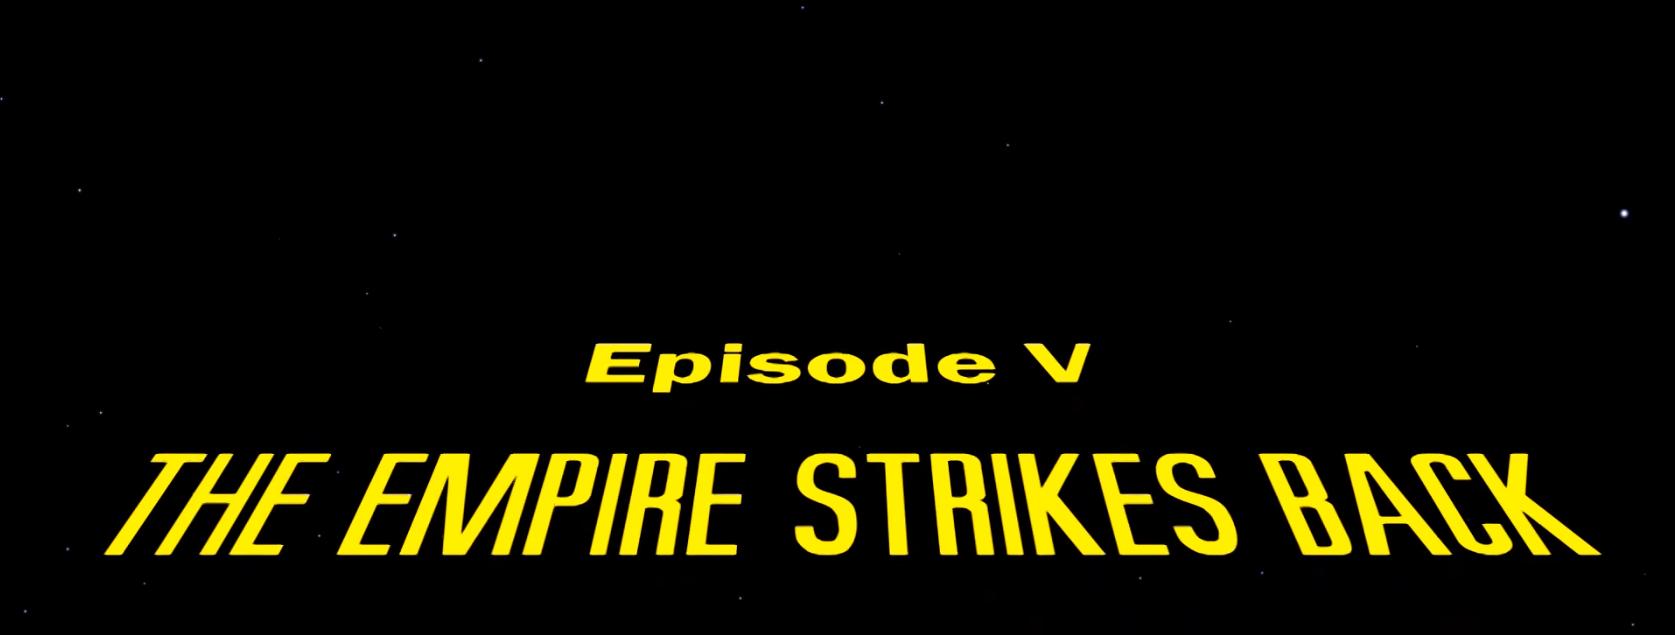 Gwiezdne Wojny - Imperium Kontratakuje (wstęp do filmu)